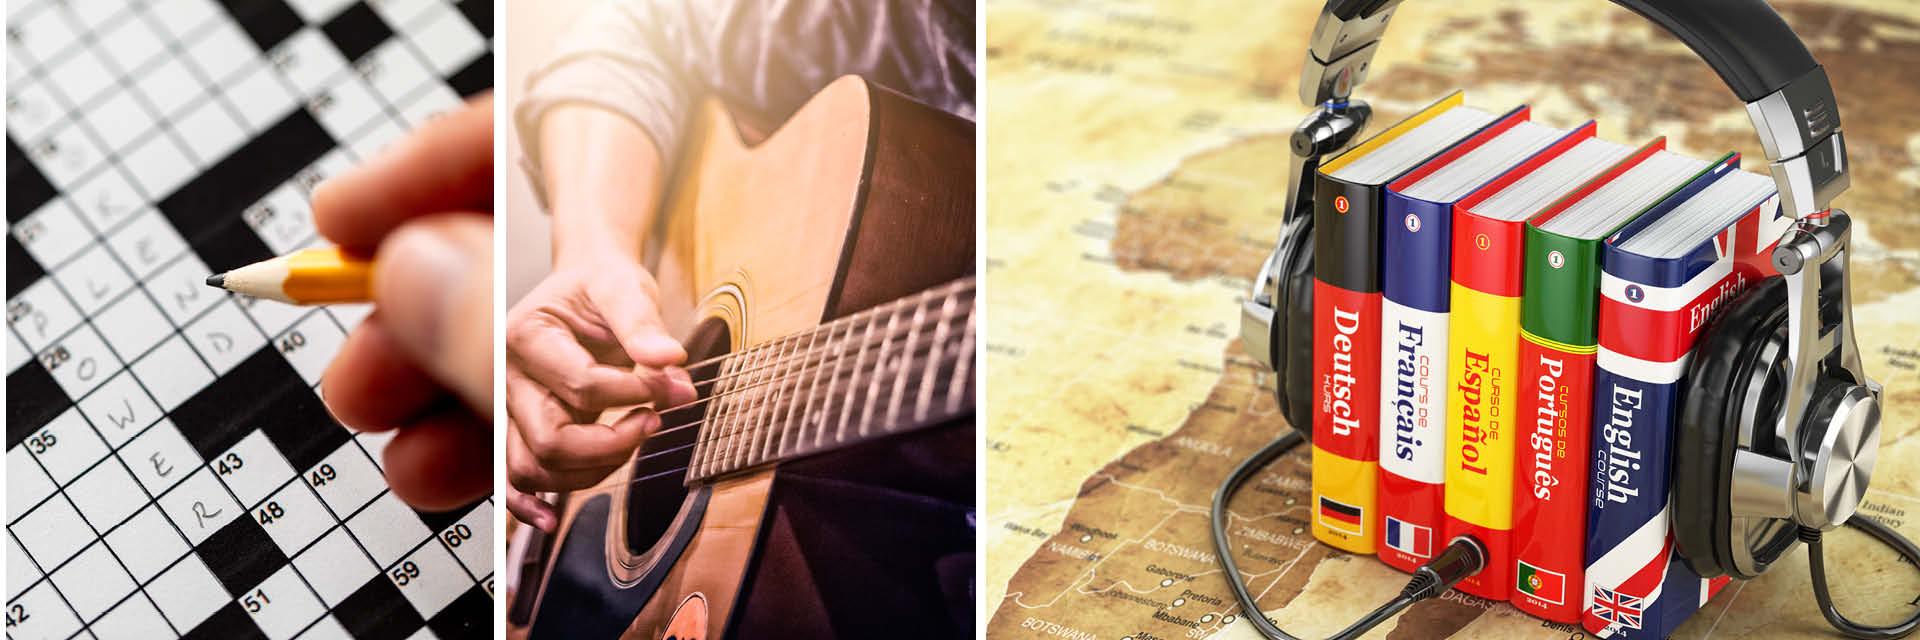 Tun Sie mal wieder etwas, was Ihnen Spaß bringt, zum Beispiel Kreuzworträtsel lösen, Gitarre spielen oder eine Sprache erlernen